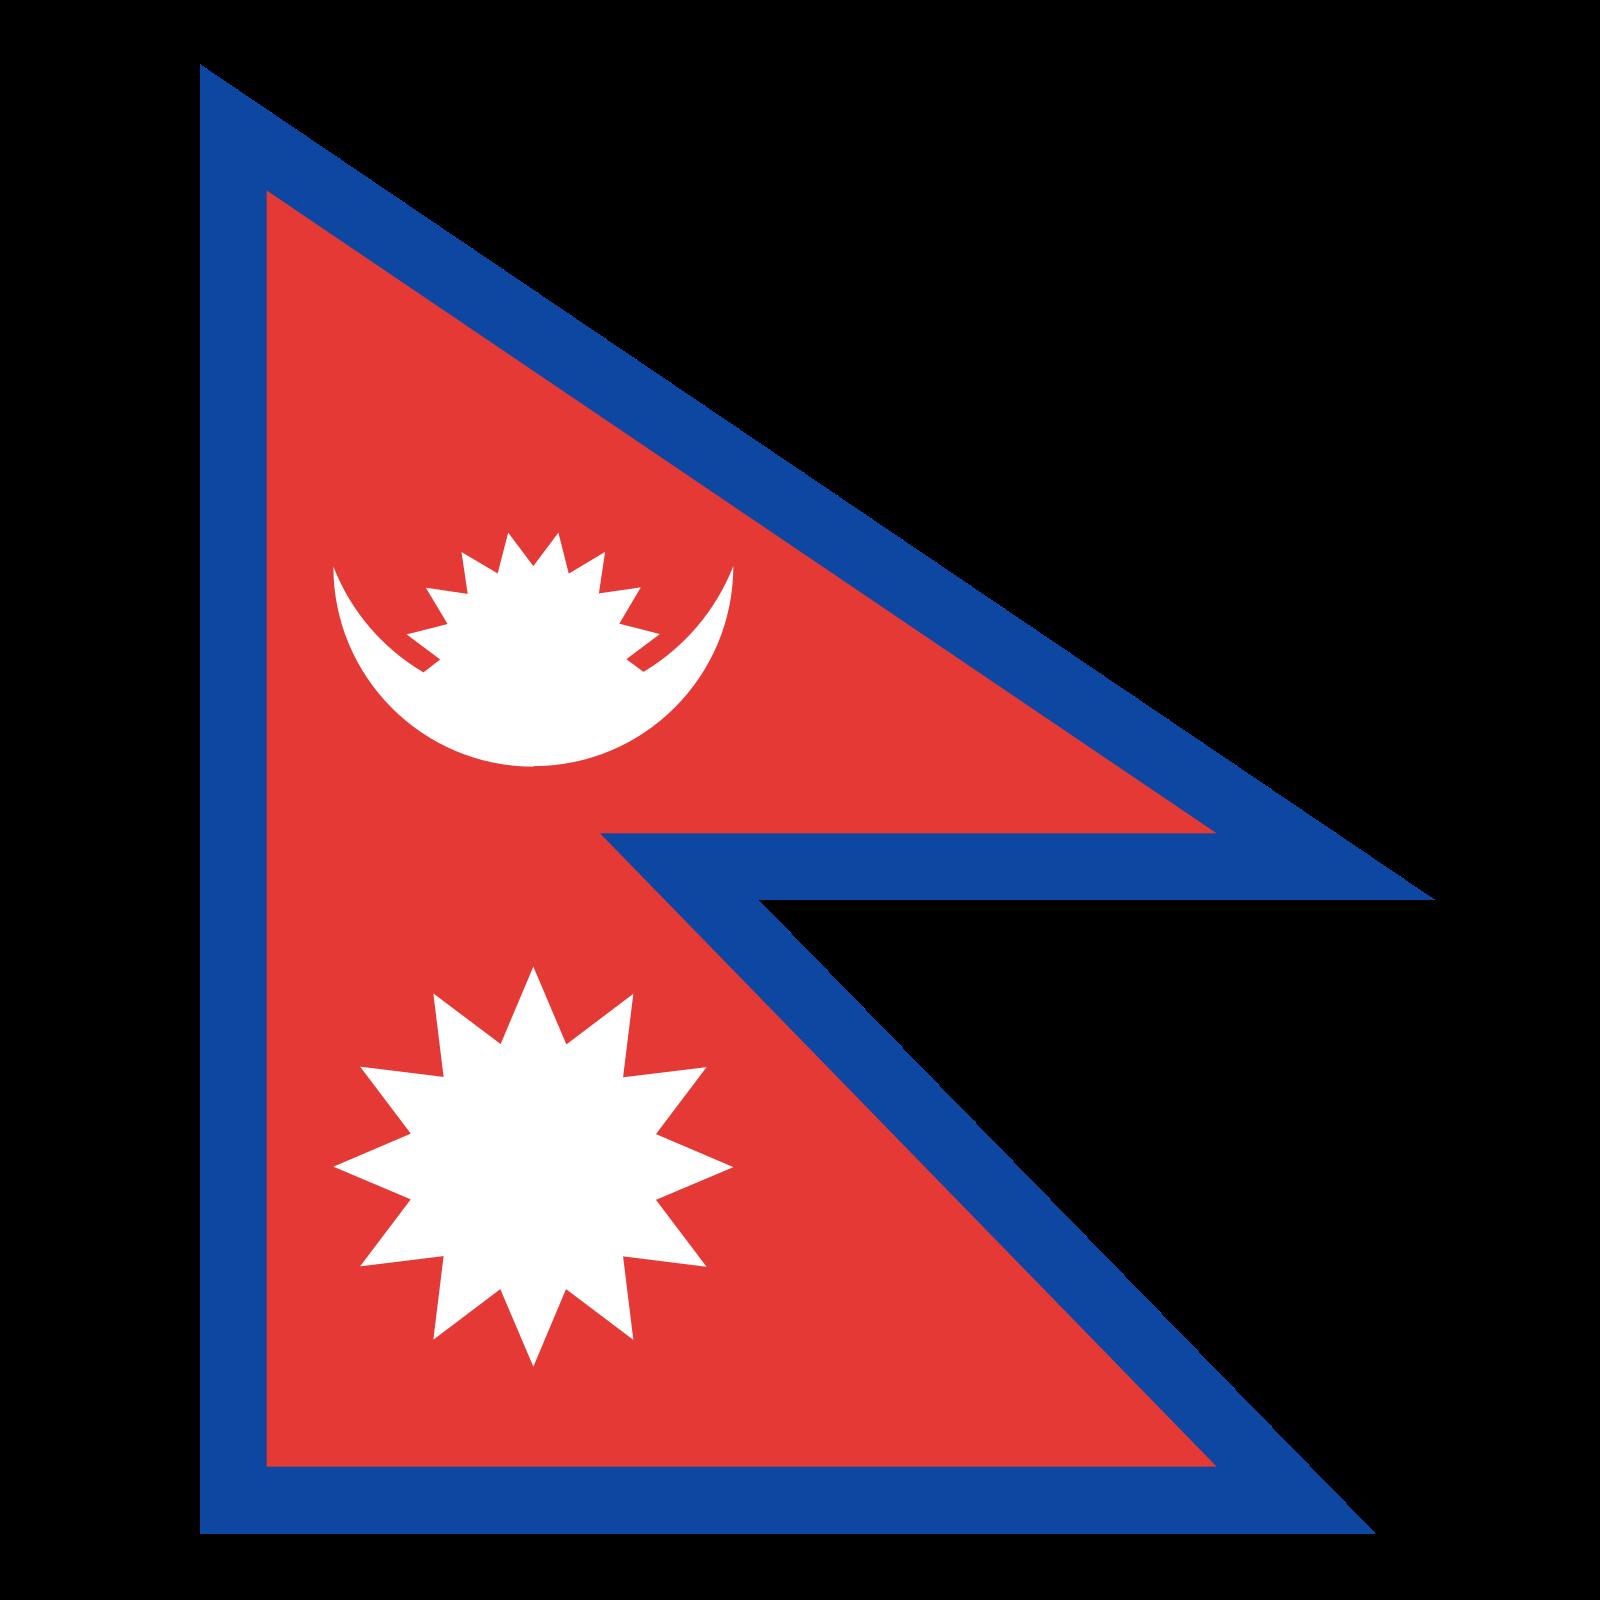 尼泊尔 icon